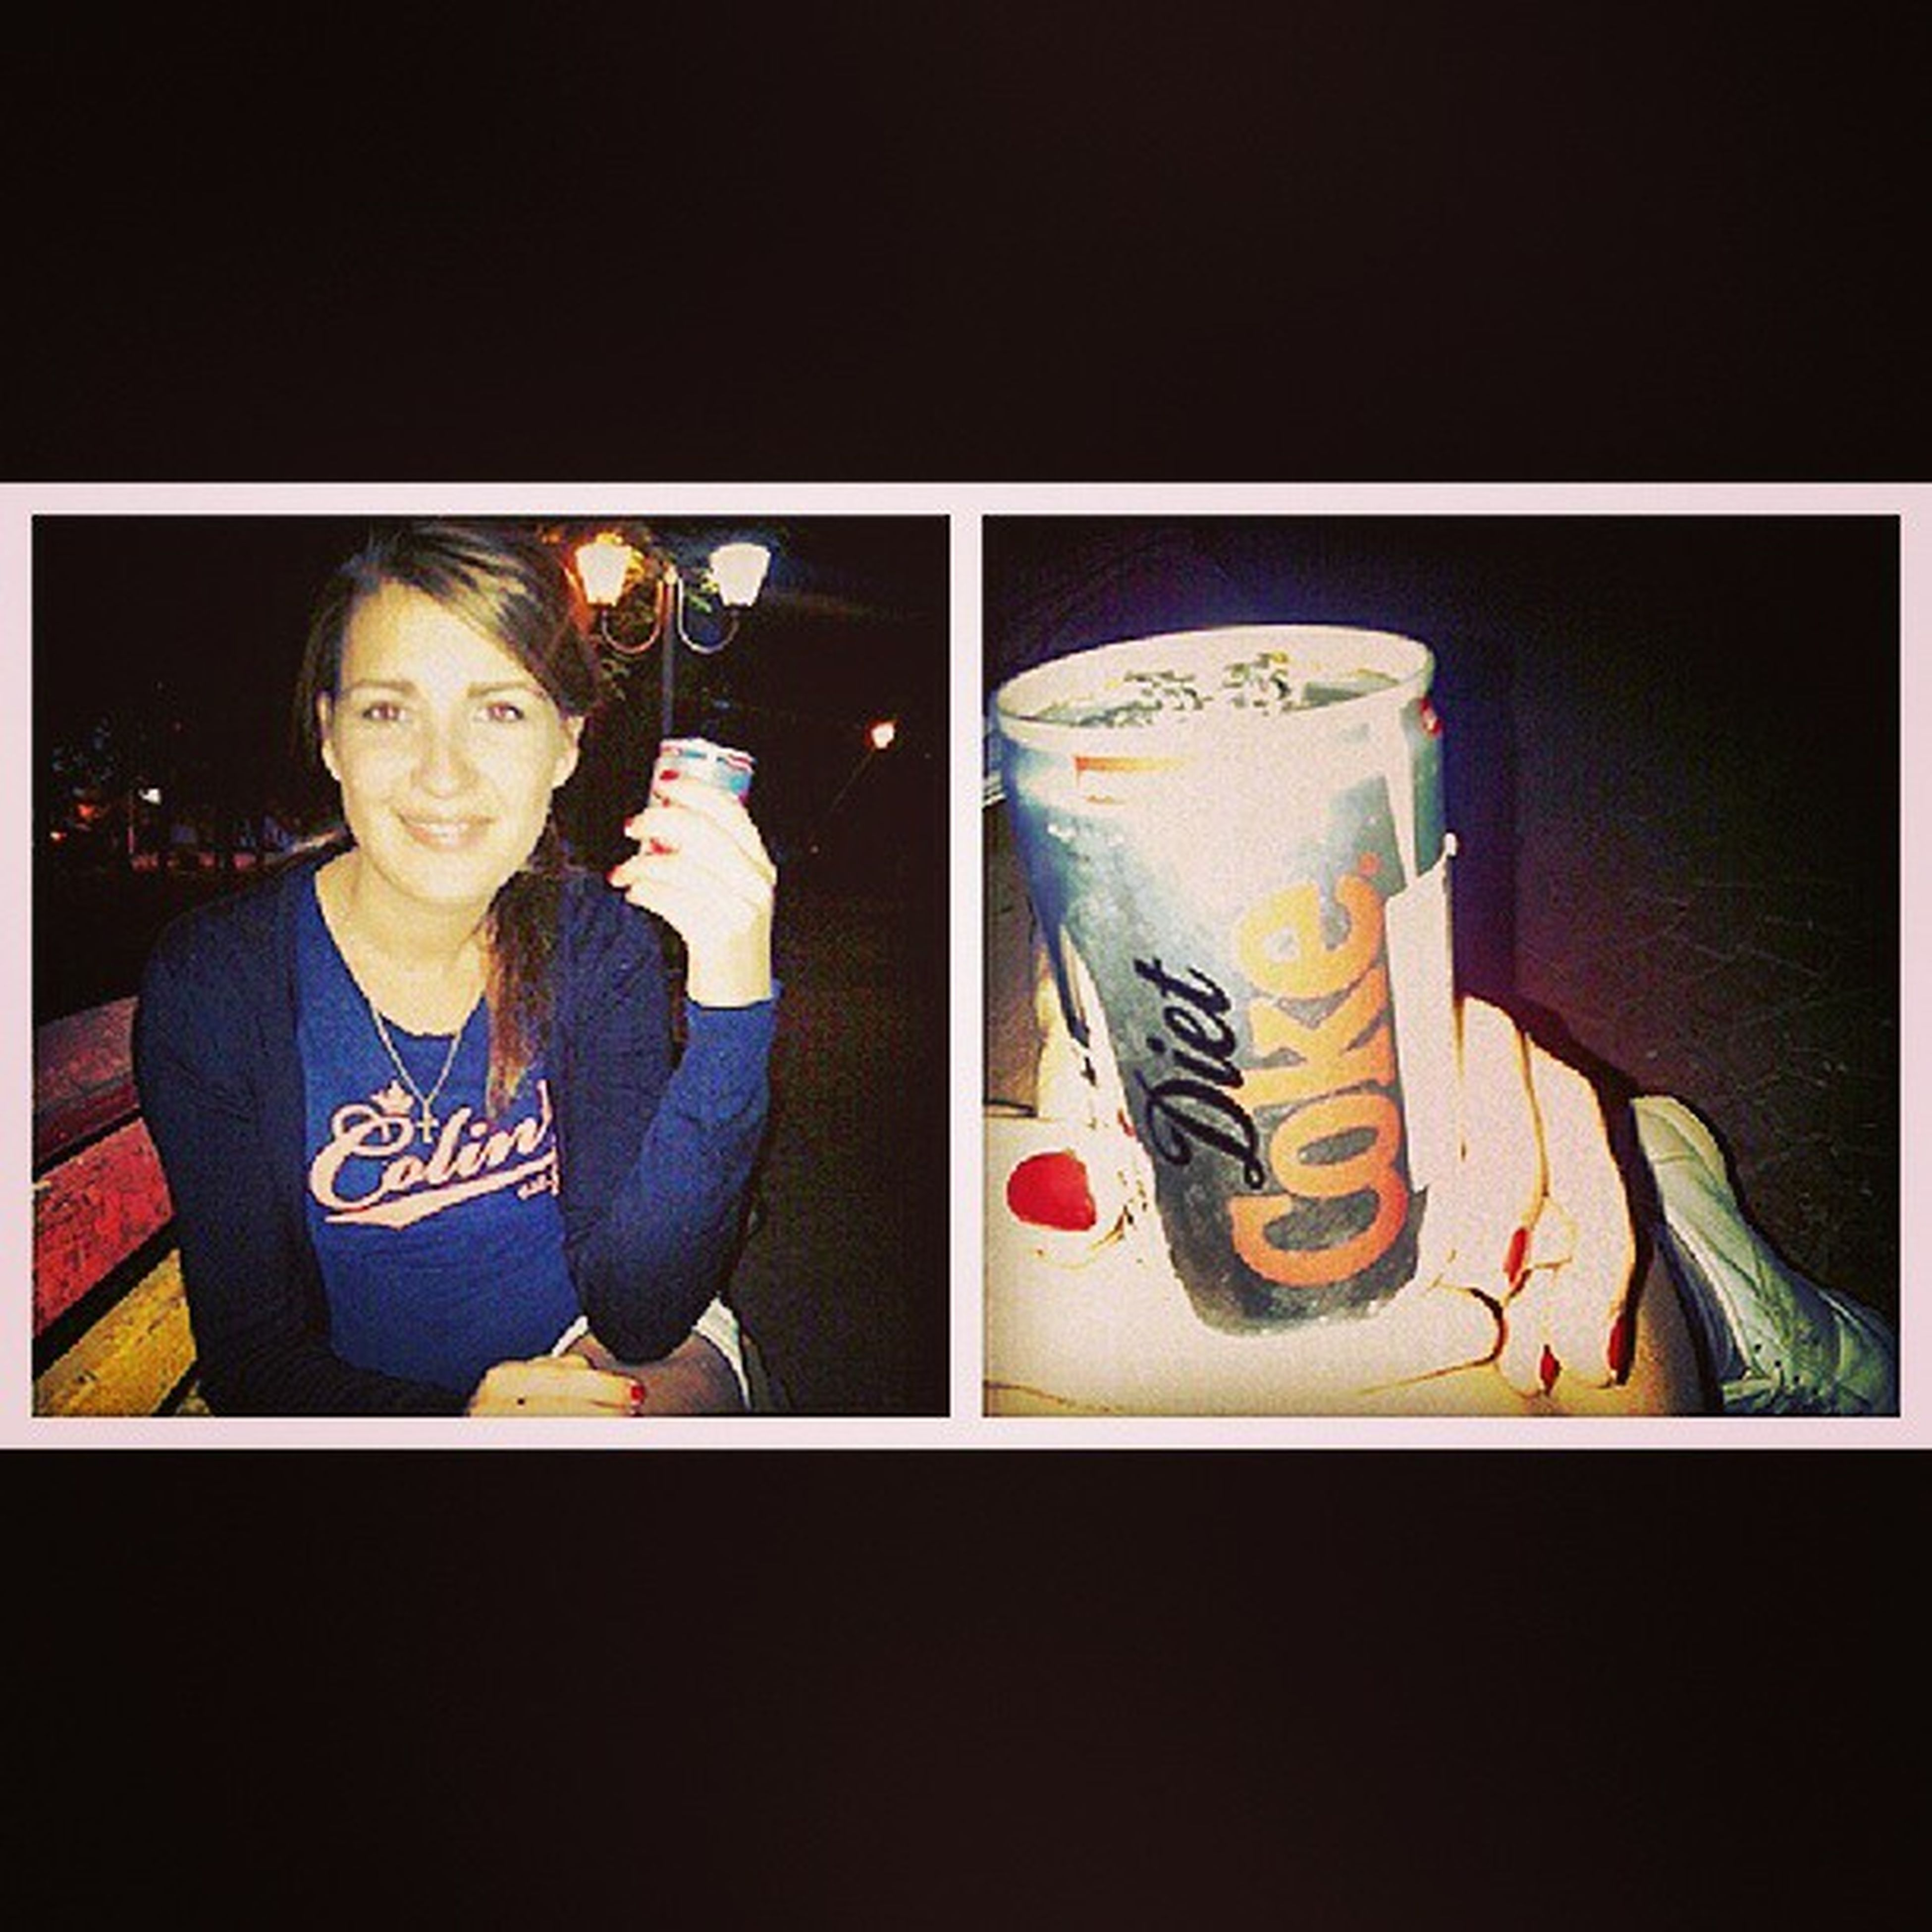 Настя за здоровый образ жизни)радуется с Diet Cola